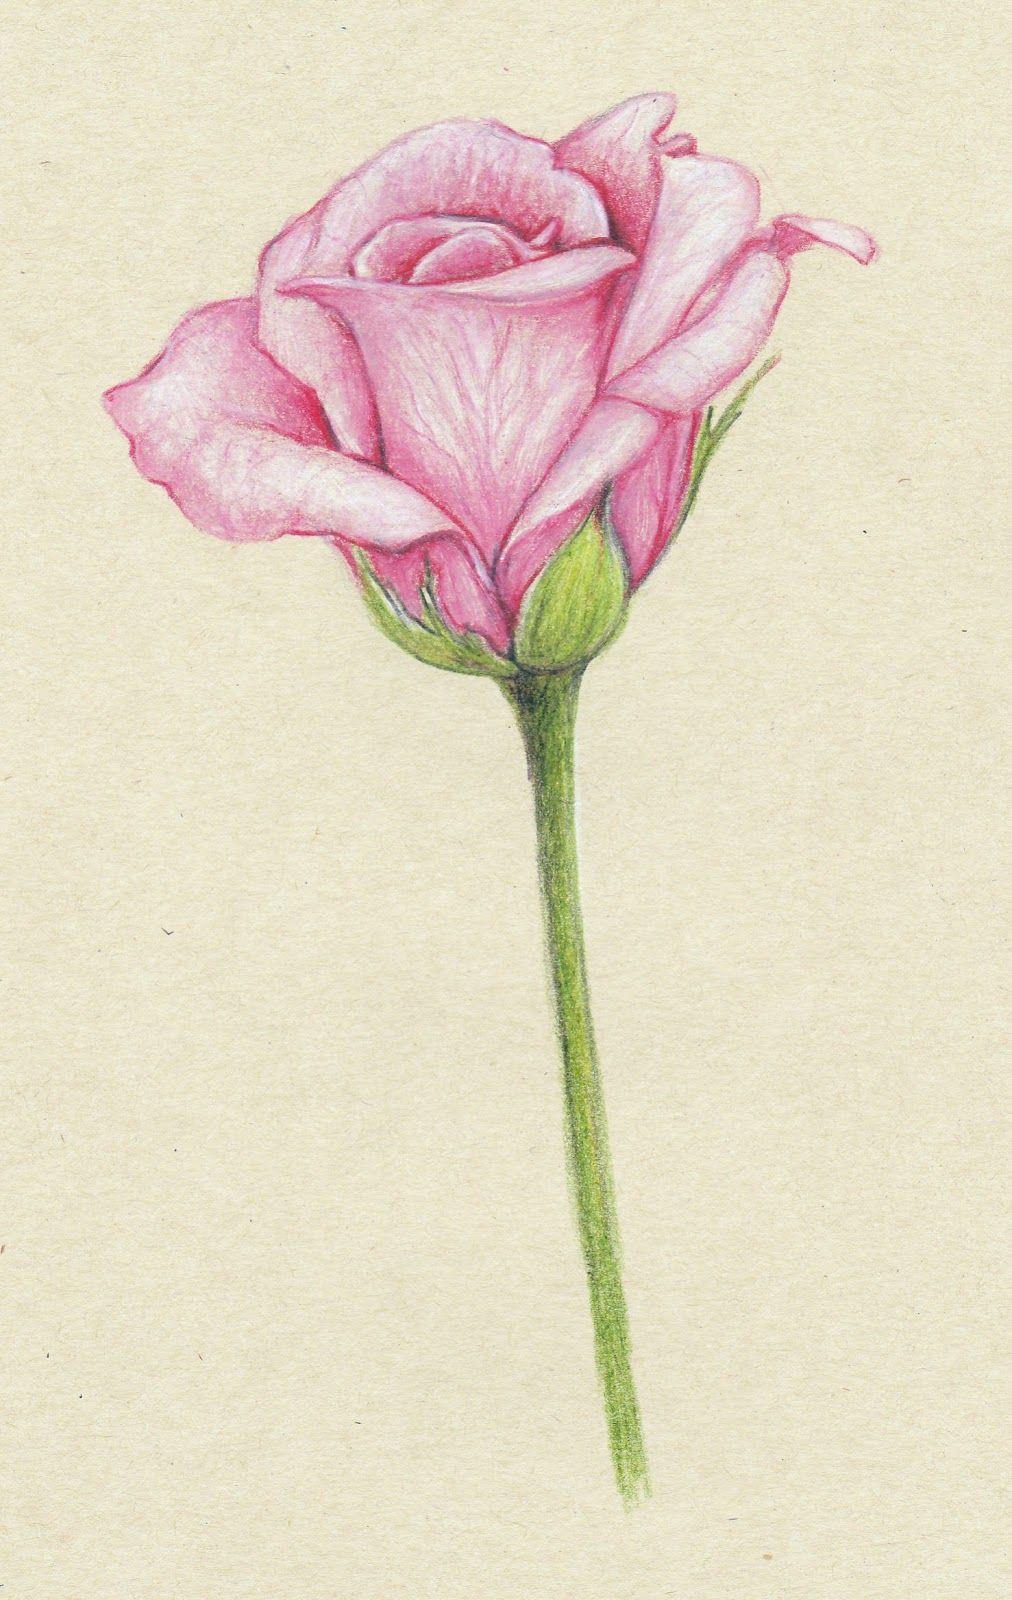 Ảnh vẽ hoa hồng bằng bút chì đẹp nhất